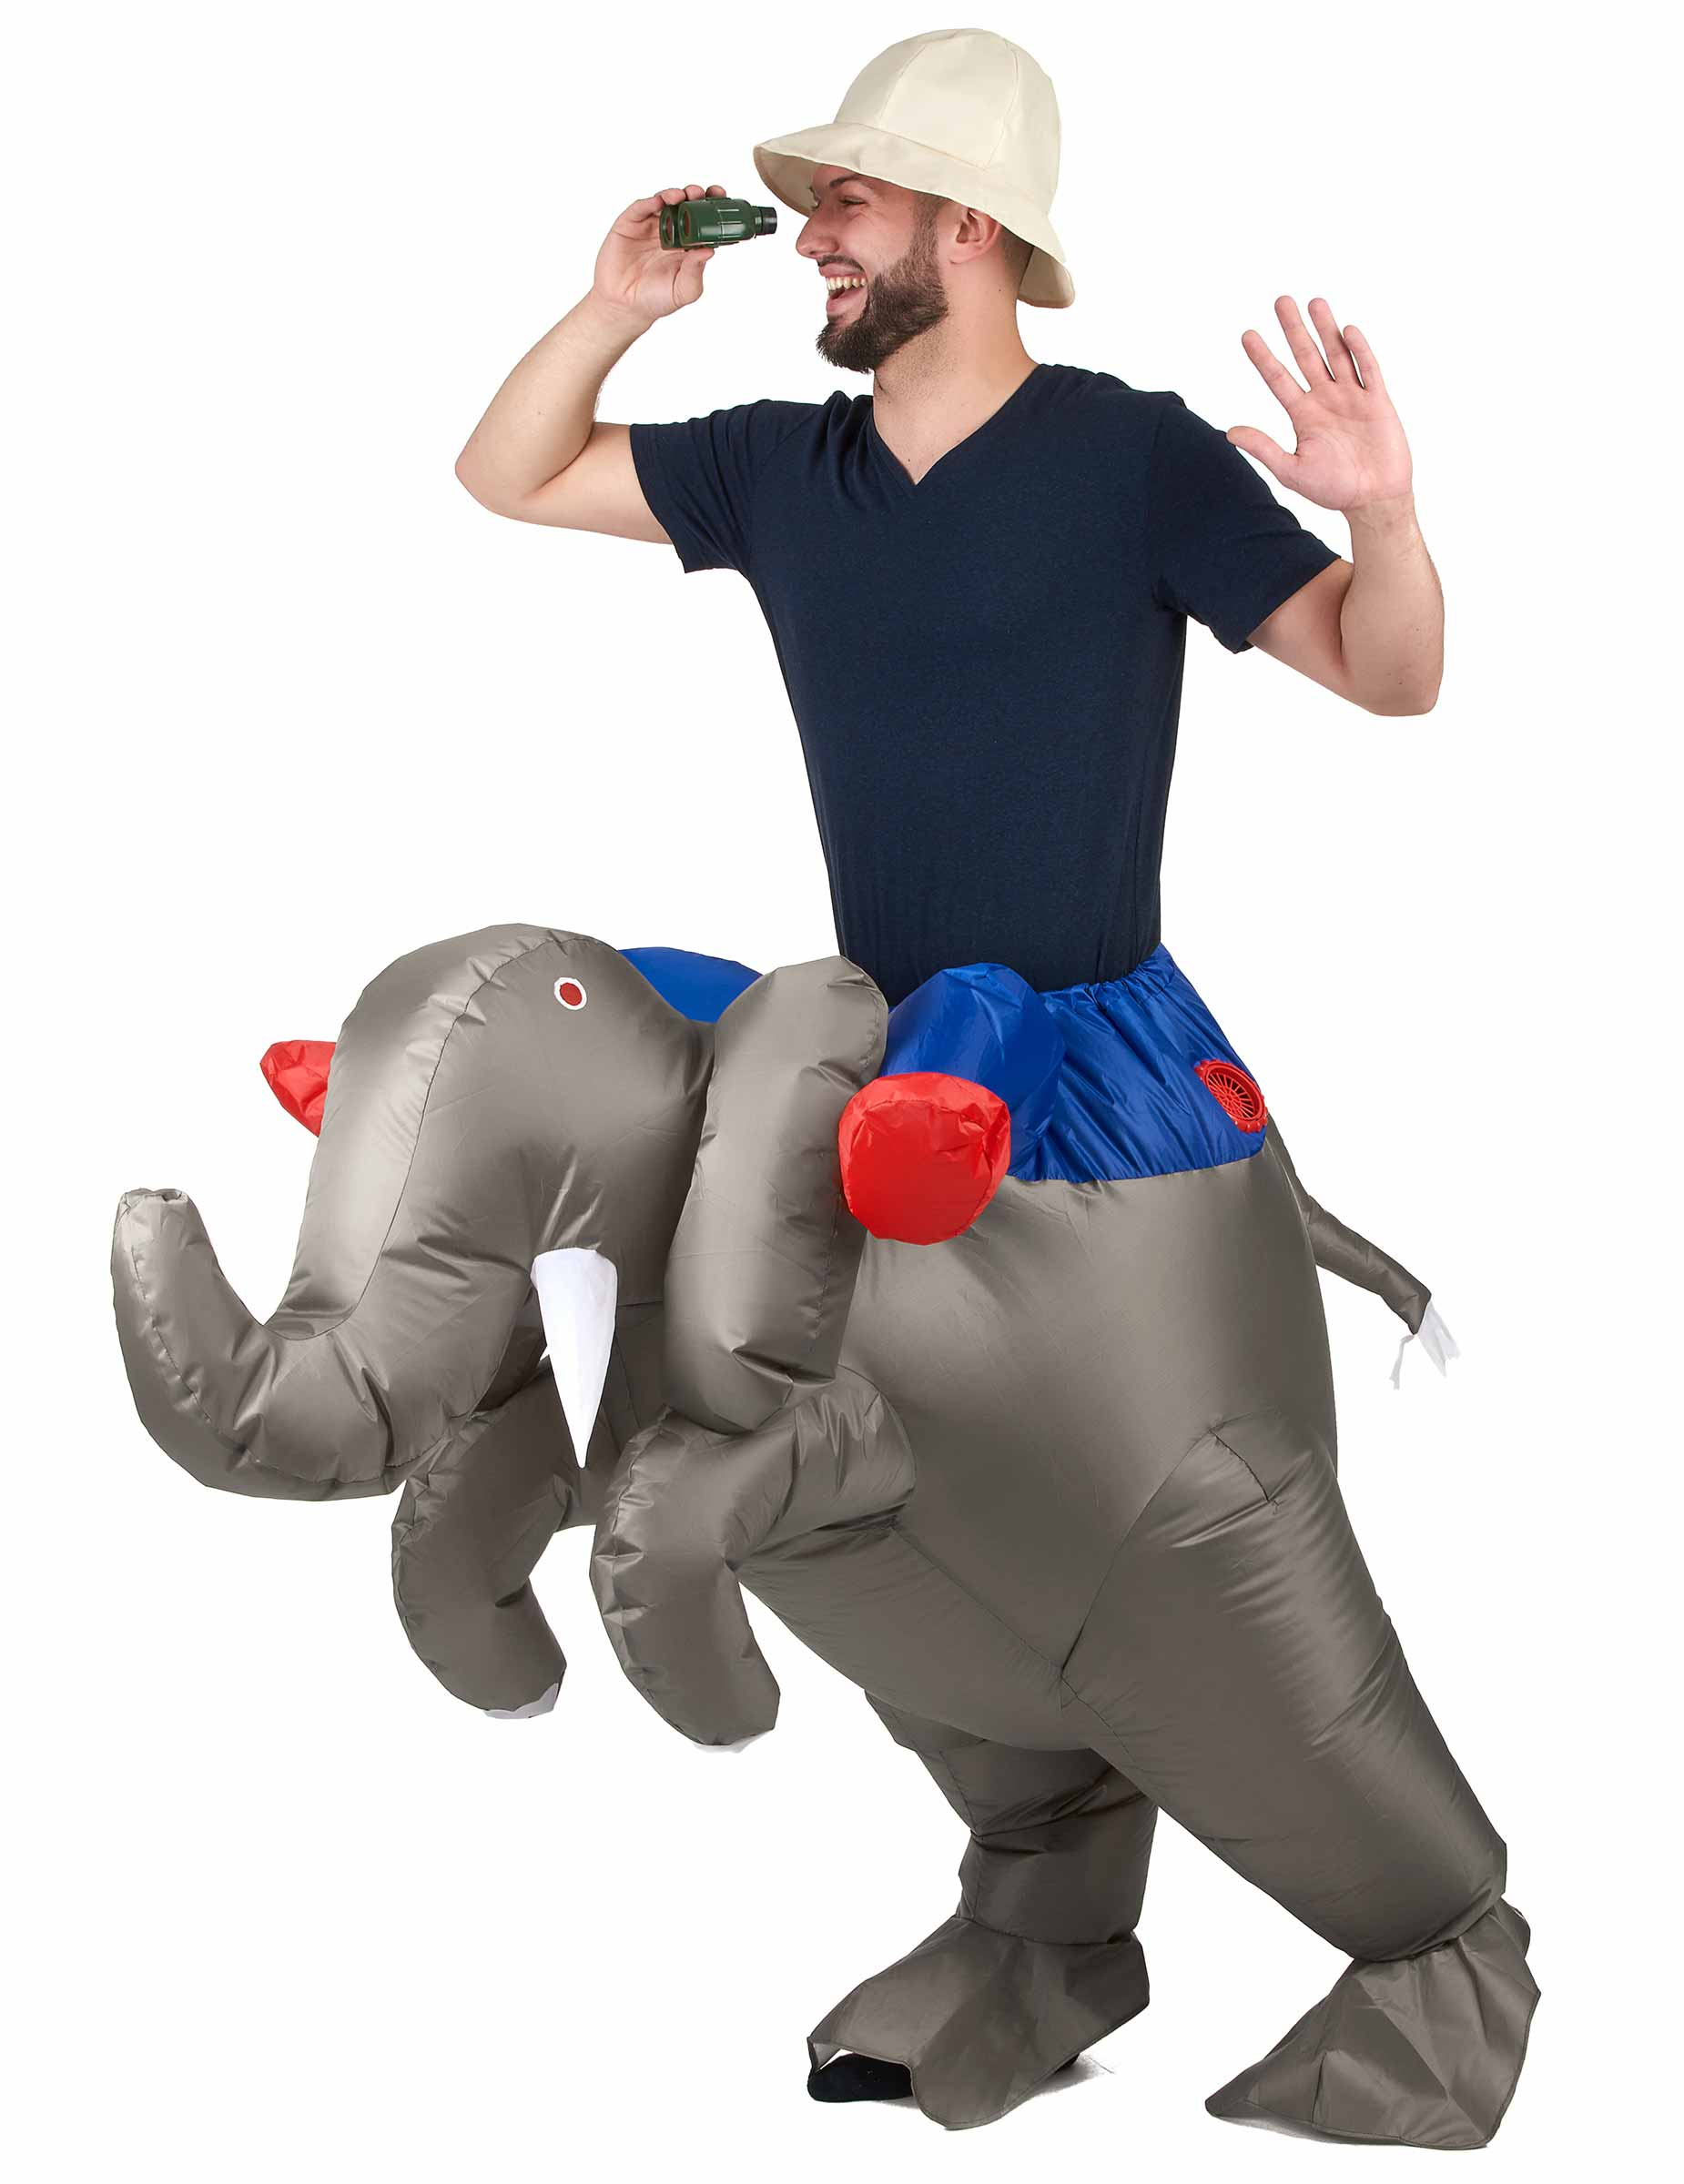 cbdd0f6d18 Costume elefante gonfiabile adulto: Costumi adulti,e vestiti di ...